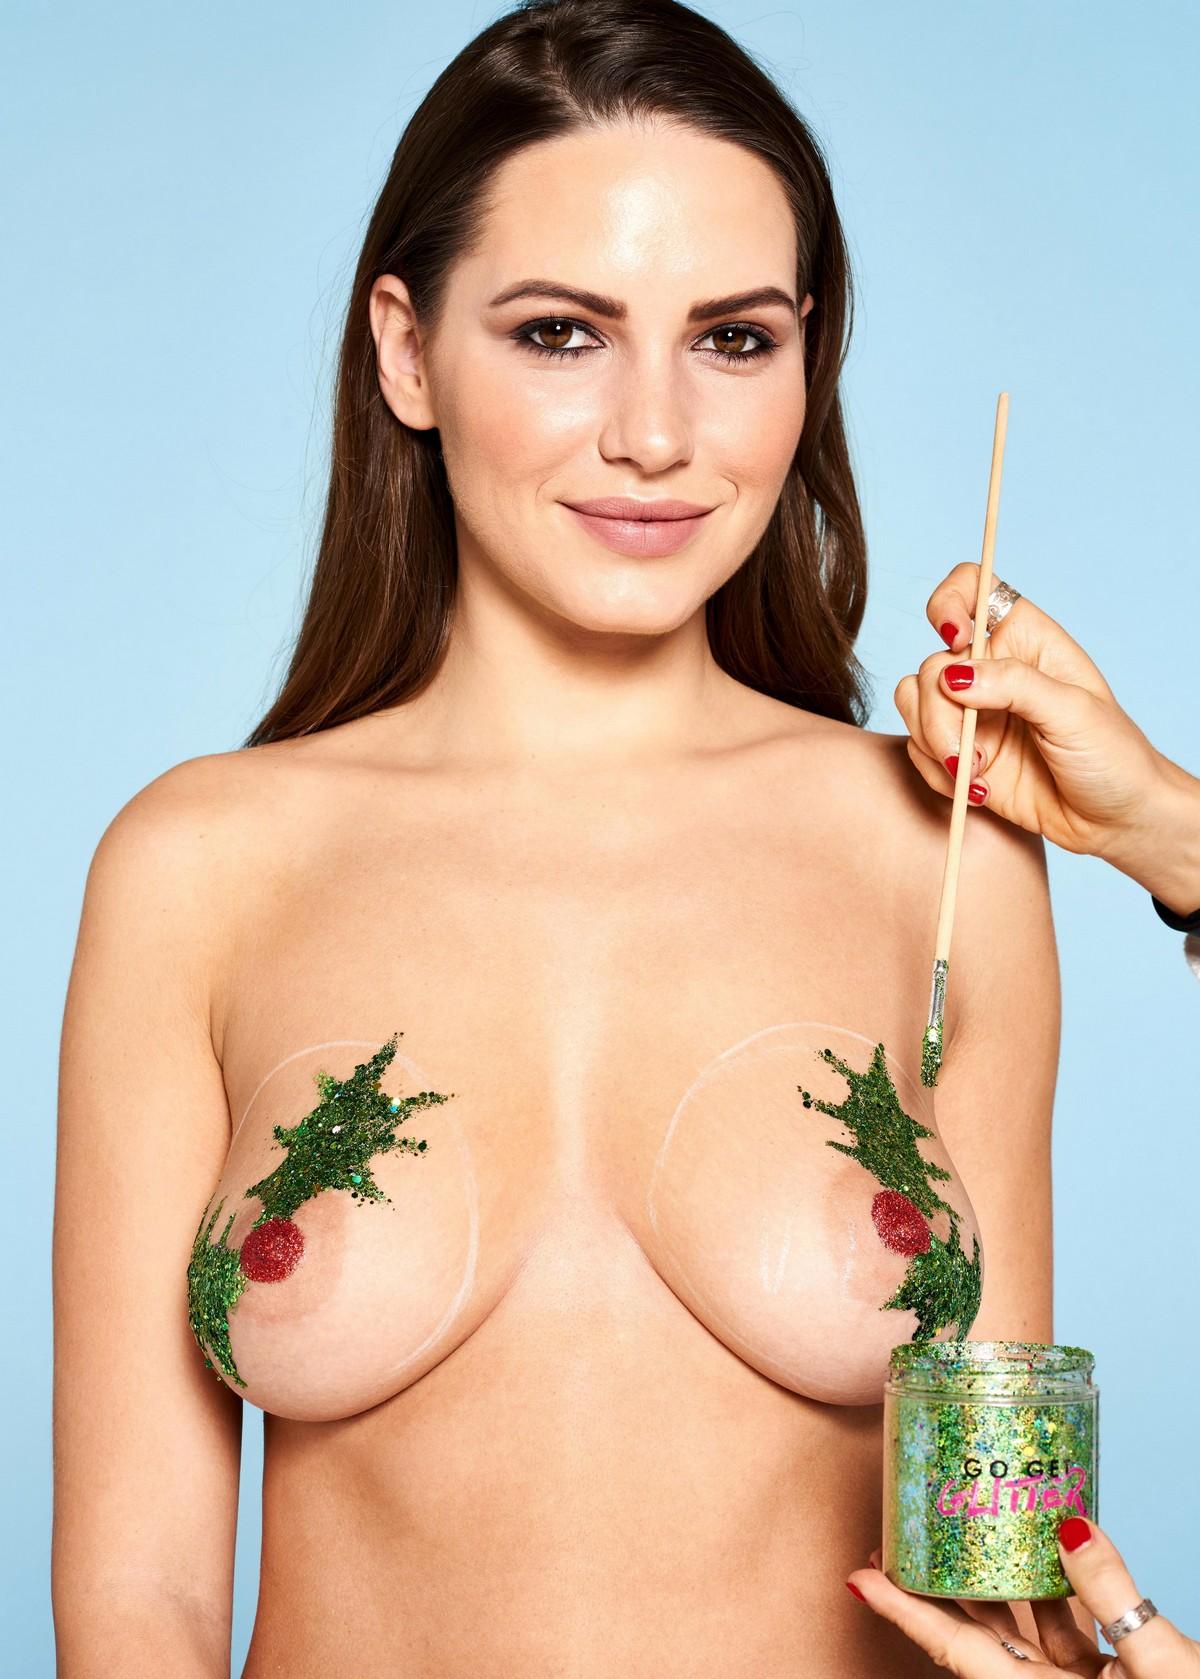 Рождественские украшения на заднице и сиськах: пошаговая инструкция в картинках